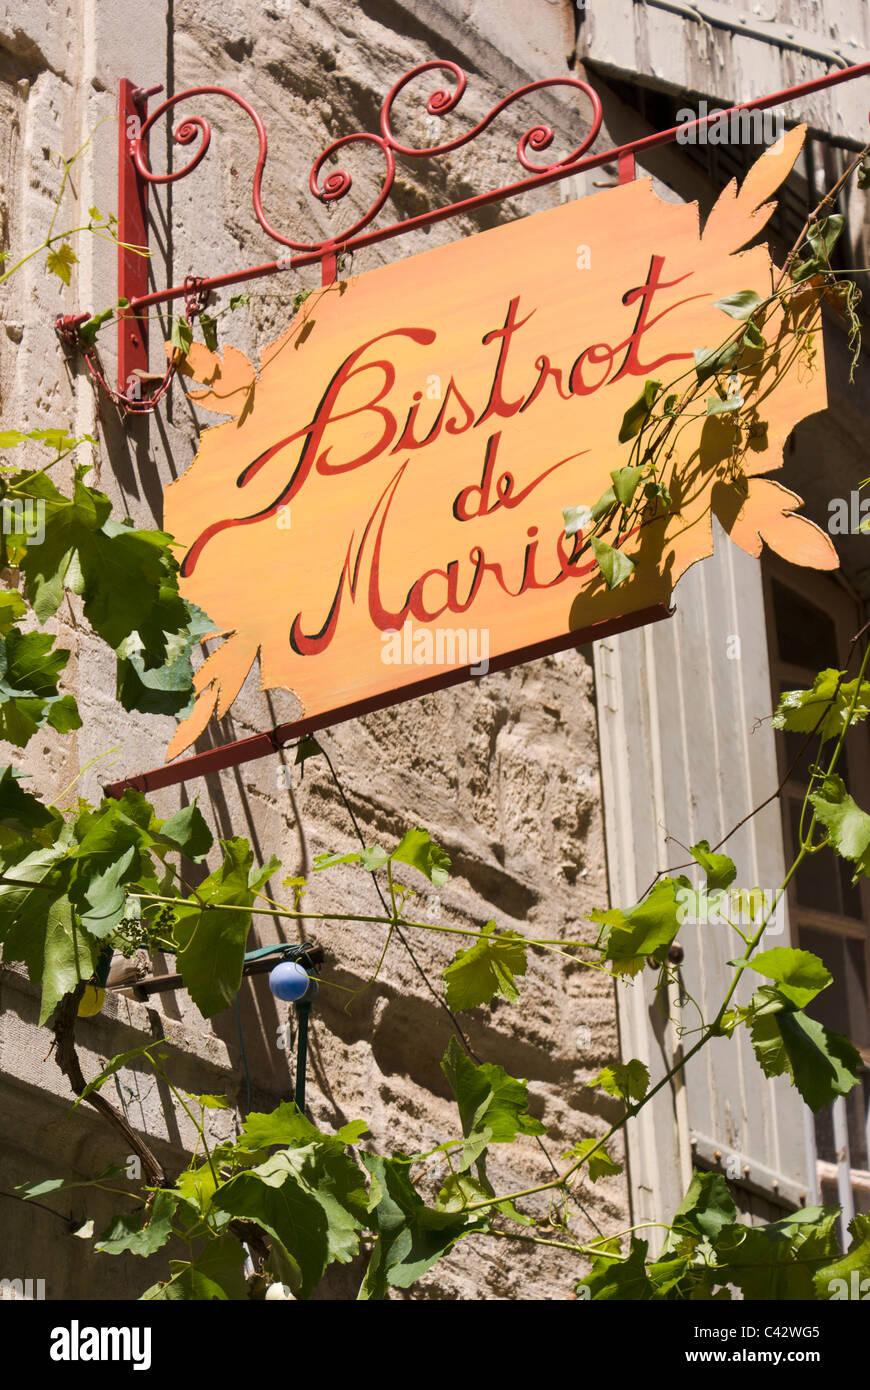 Le Bistrot de Marie, restaurant à Aix-en-Provence Photo Stock